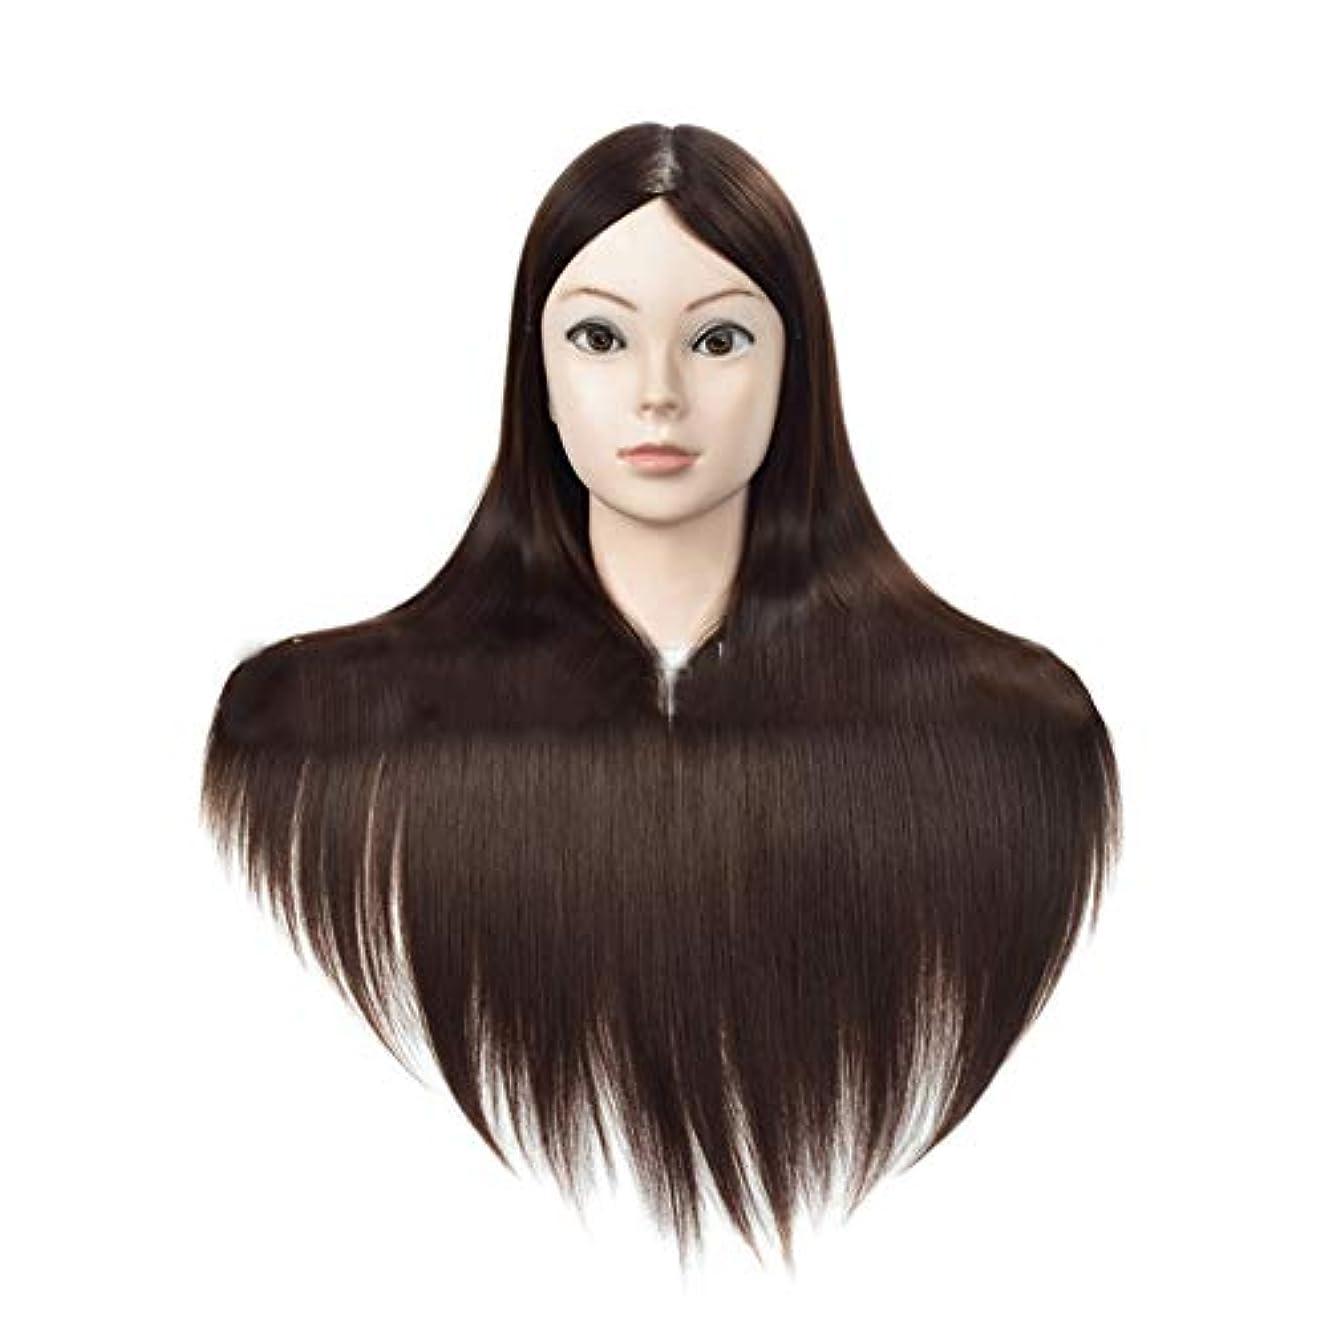 診断する悲観的効率髪編組ヘアスタイリング練習ヘッド高温線毛ウィッグヘッド金型メイク学習訓練ダミーヘッド